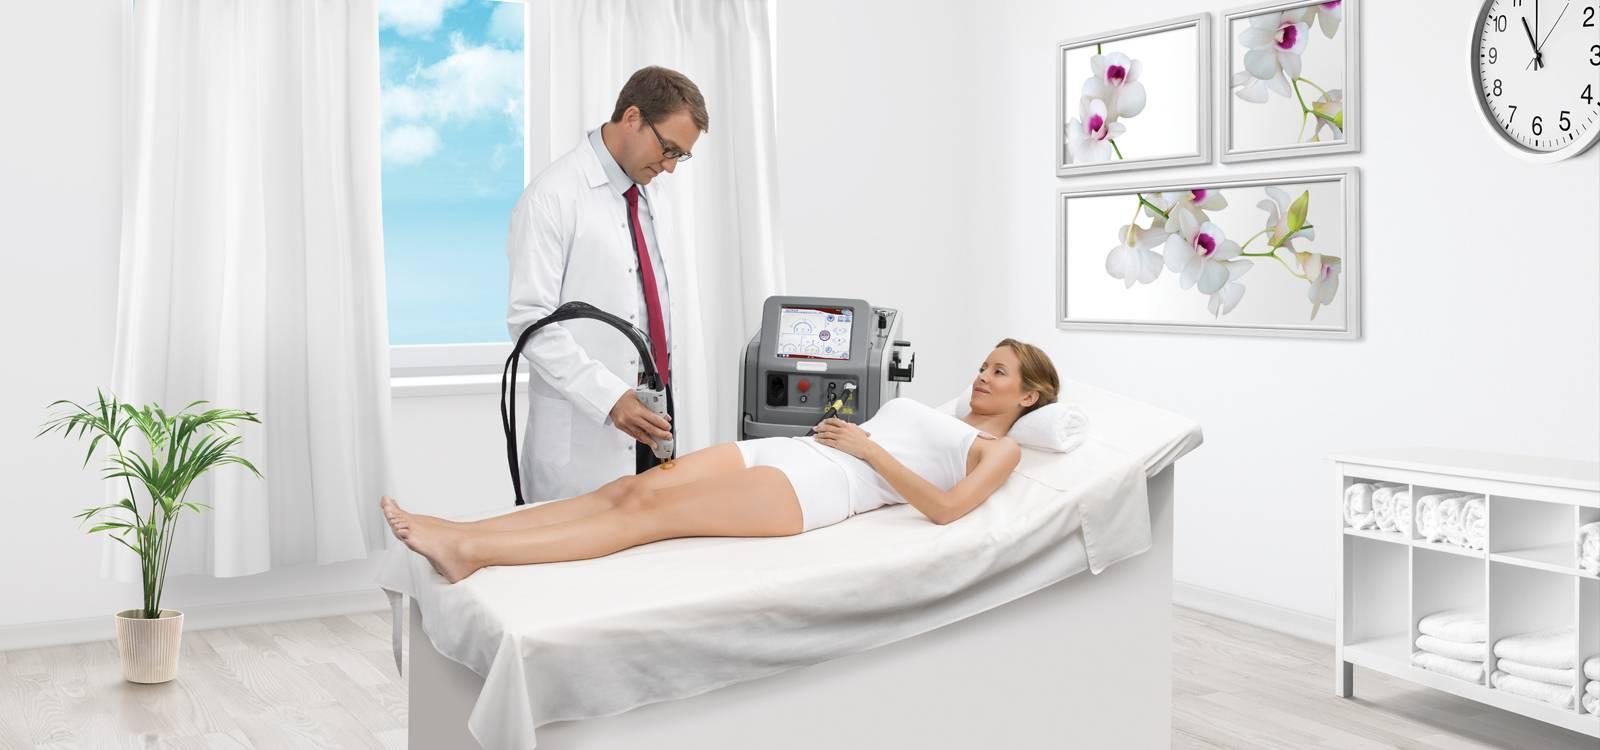 Сфера применения неодимового лазера в косметологии